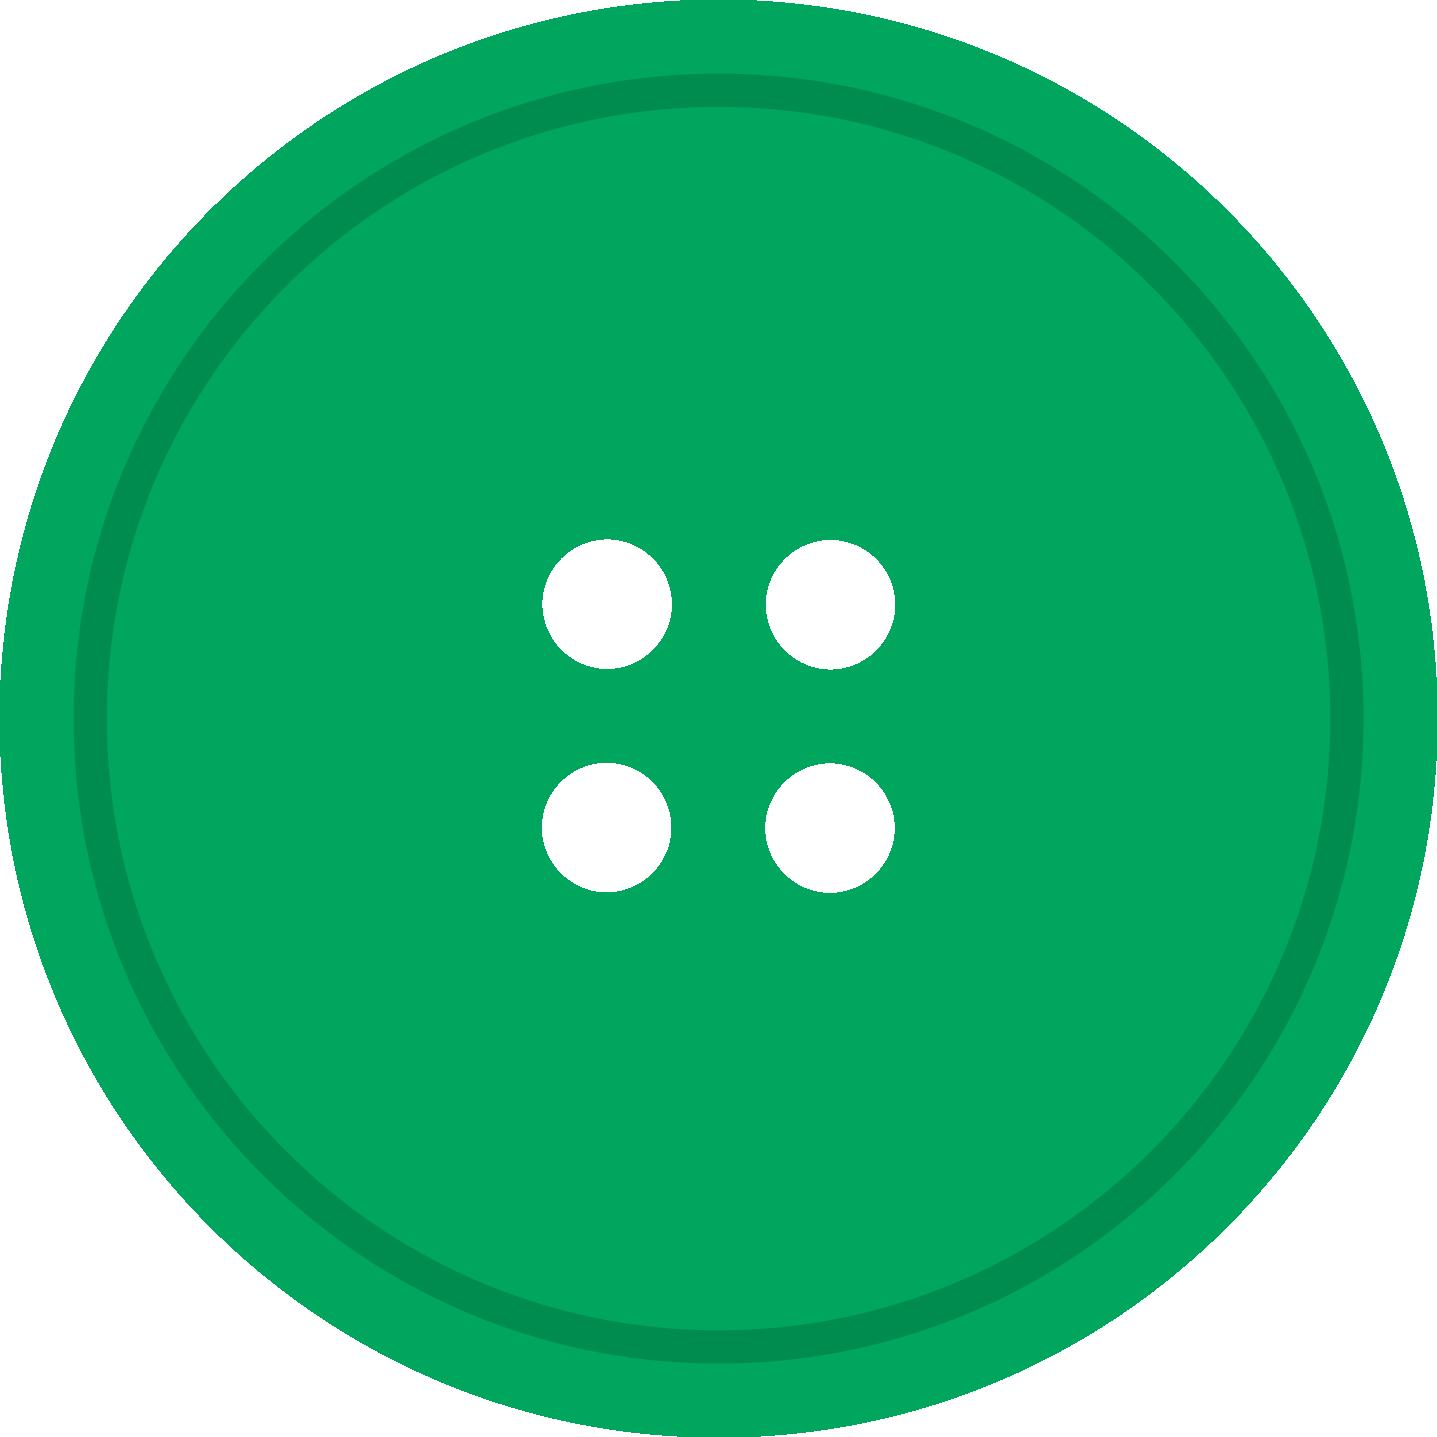 Buttons clipart transparent background. Clothes button png